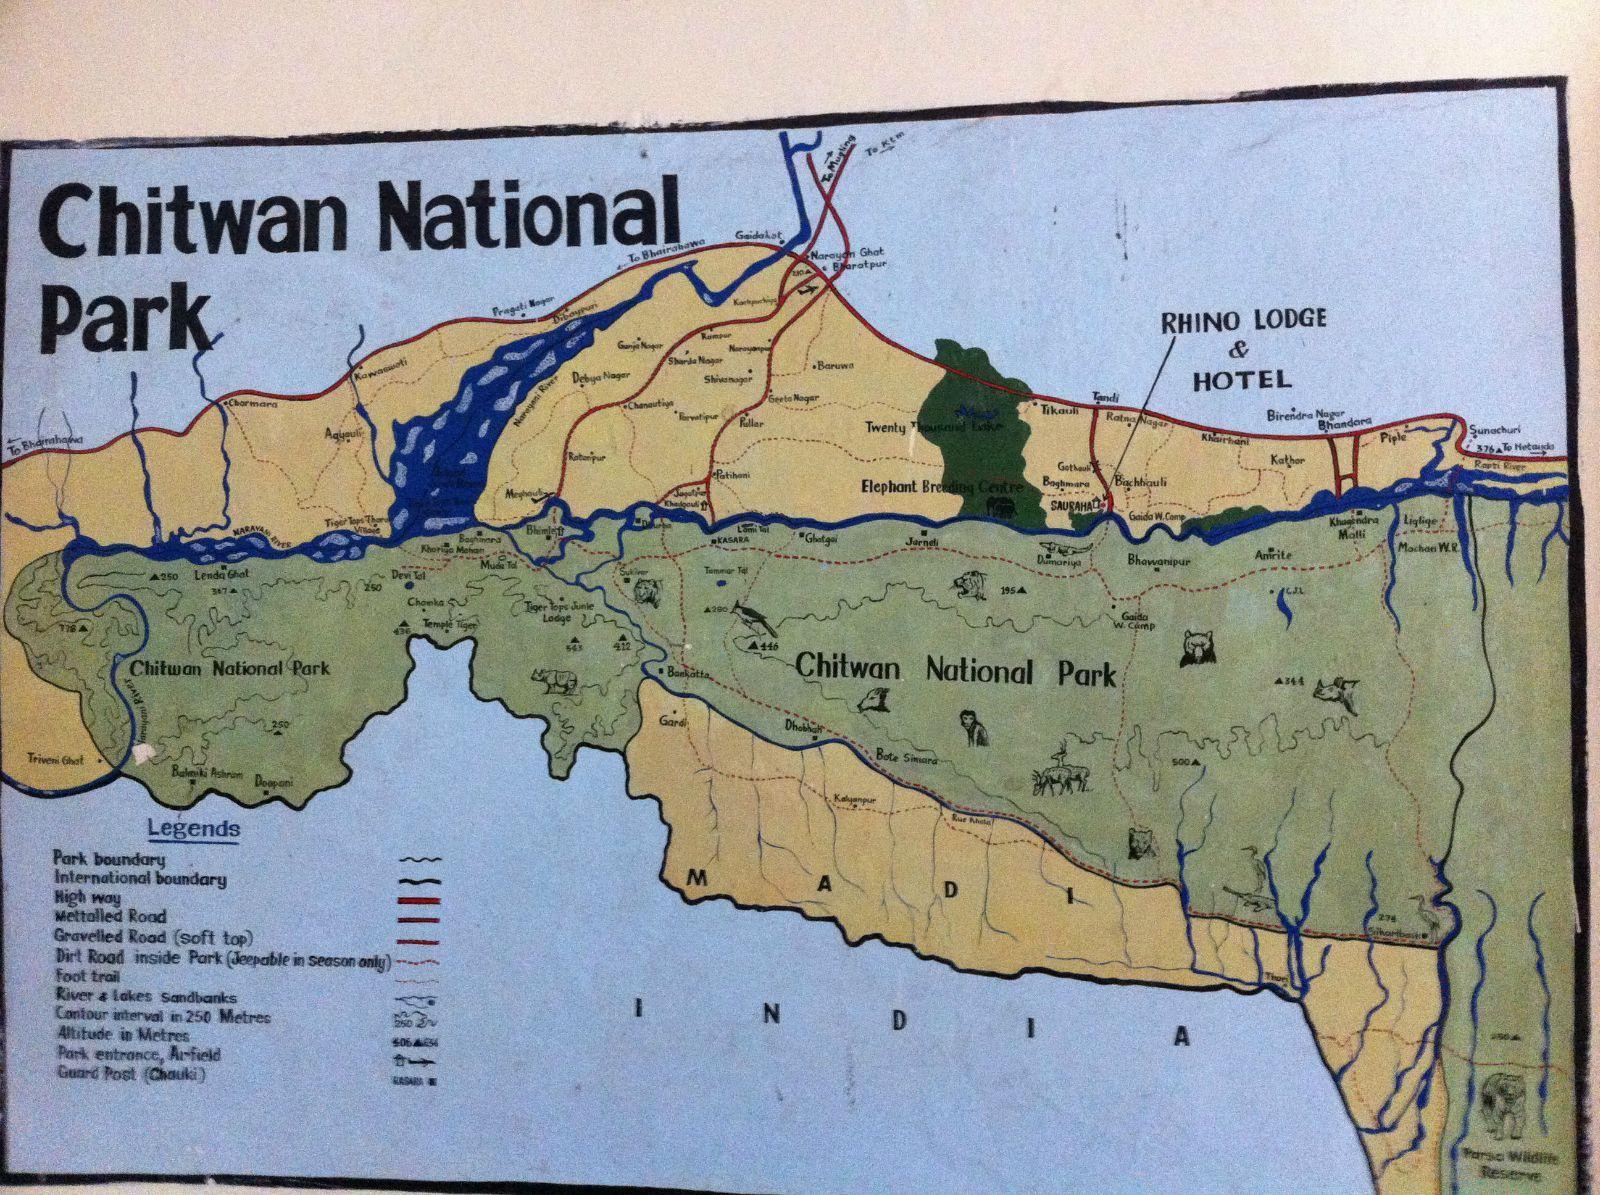 奇特旺是珍稀的独角印度犀牛最后的保护地之一